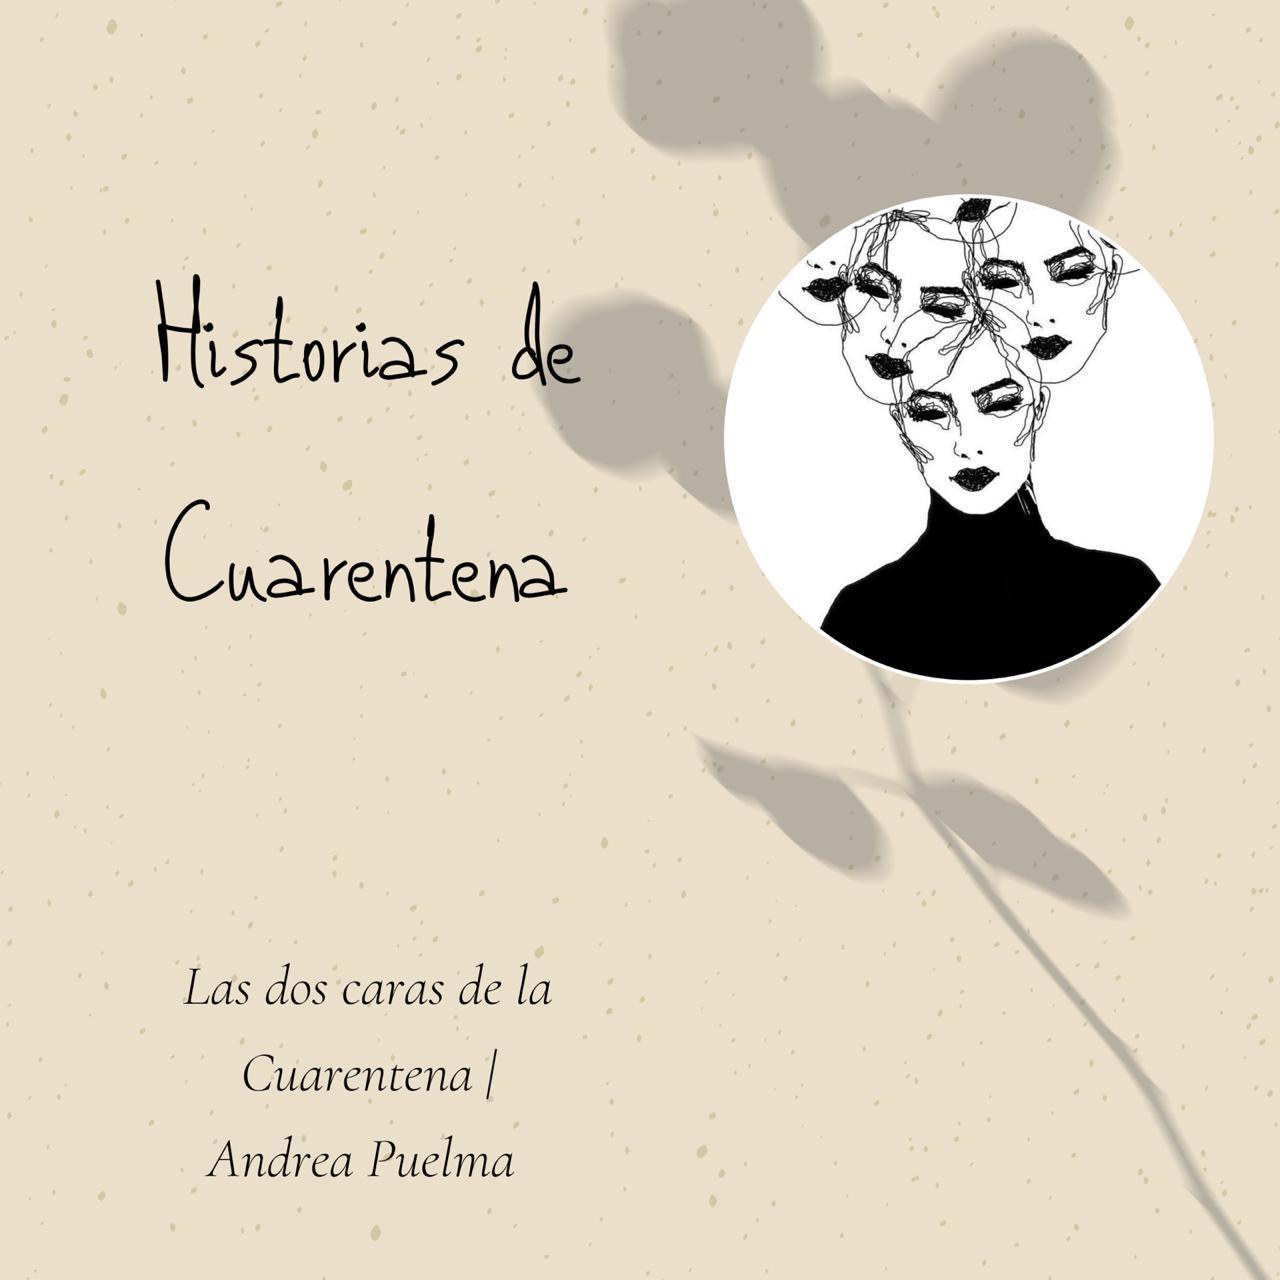 Las dos caras de la cuarentena - Andrea Puelma